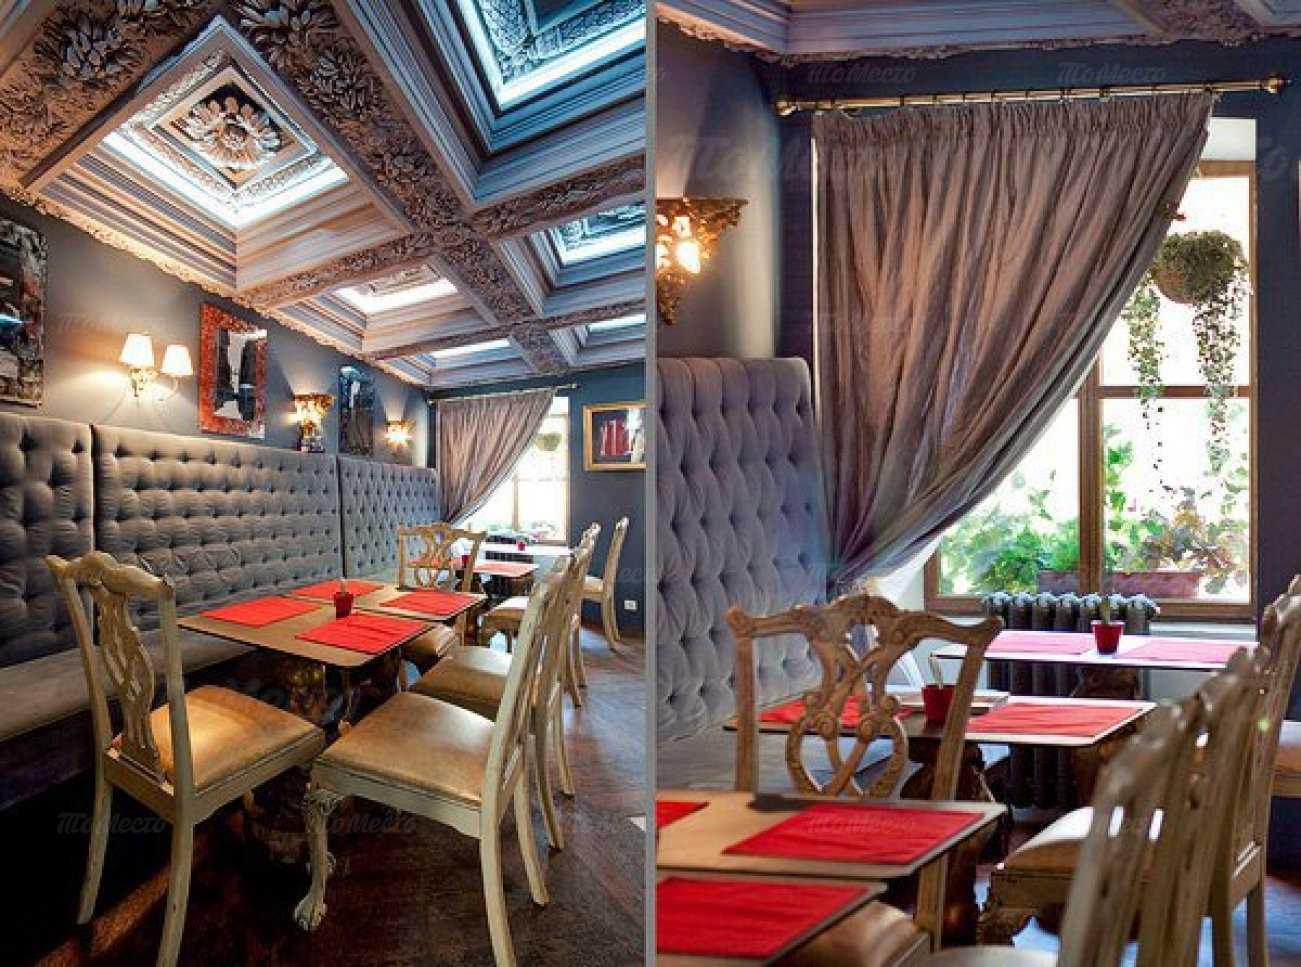 Бар, ресторан Хавьер (Daily Bar XAVIER) на Гагаринской улице фото 2